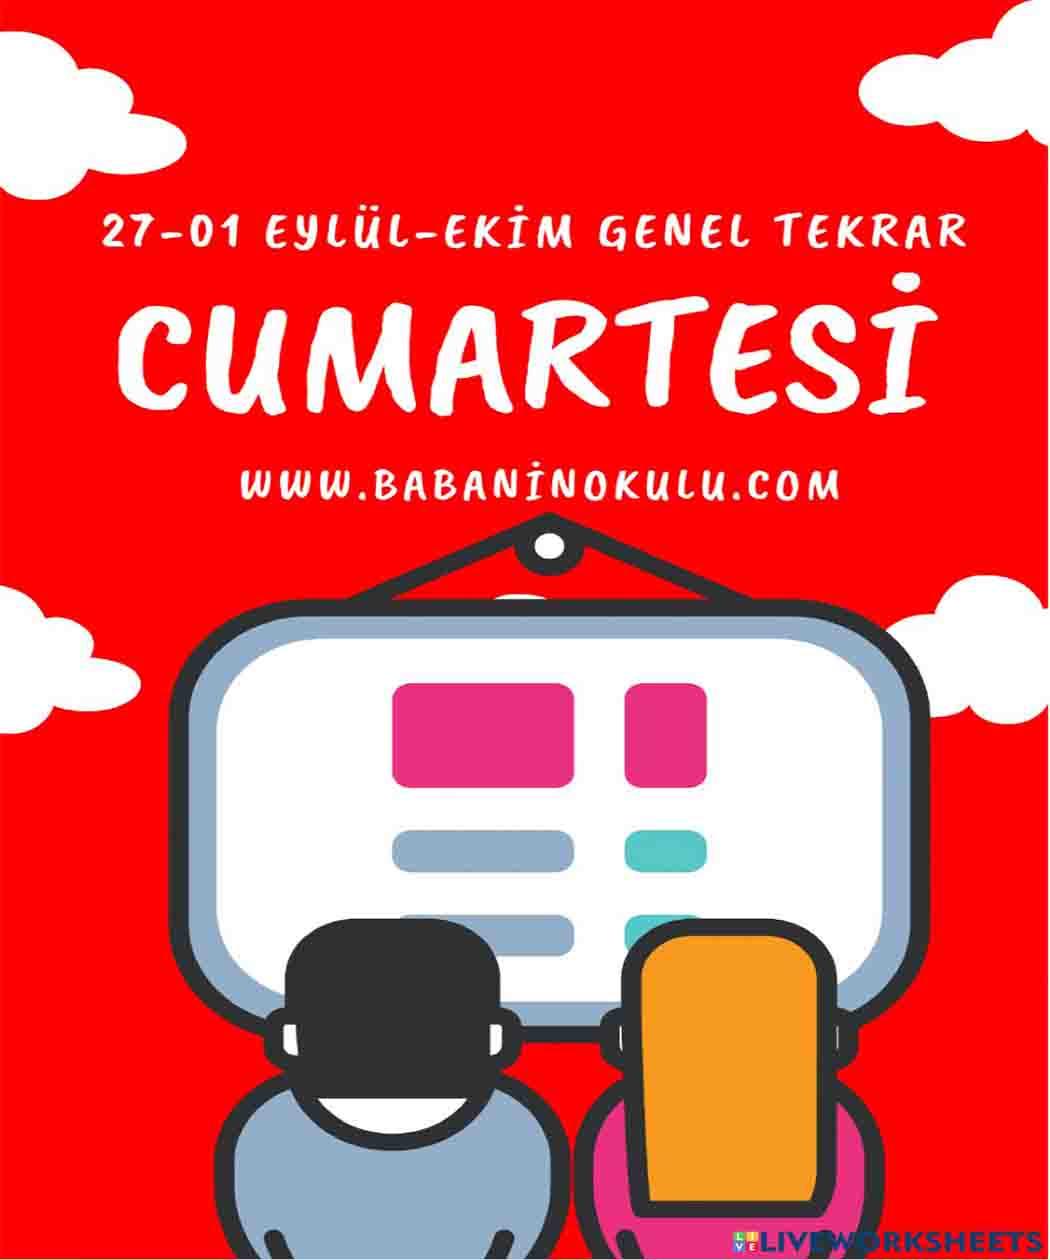 27-01 EYLÜL TEKRAR CUMARTESİ